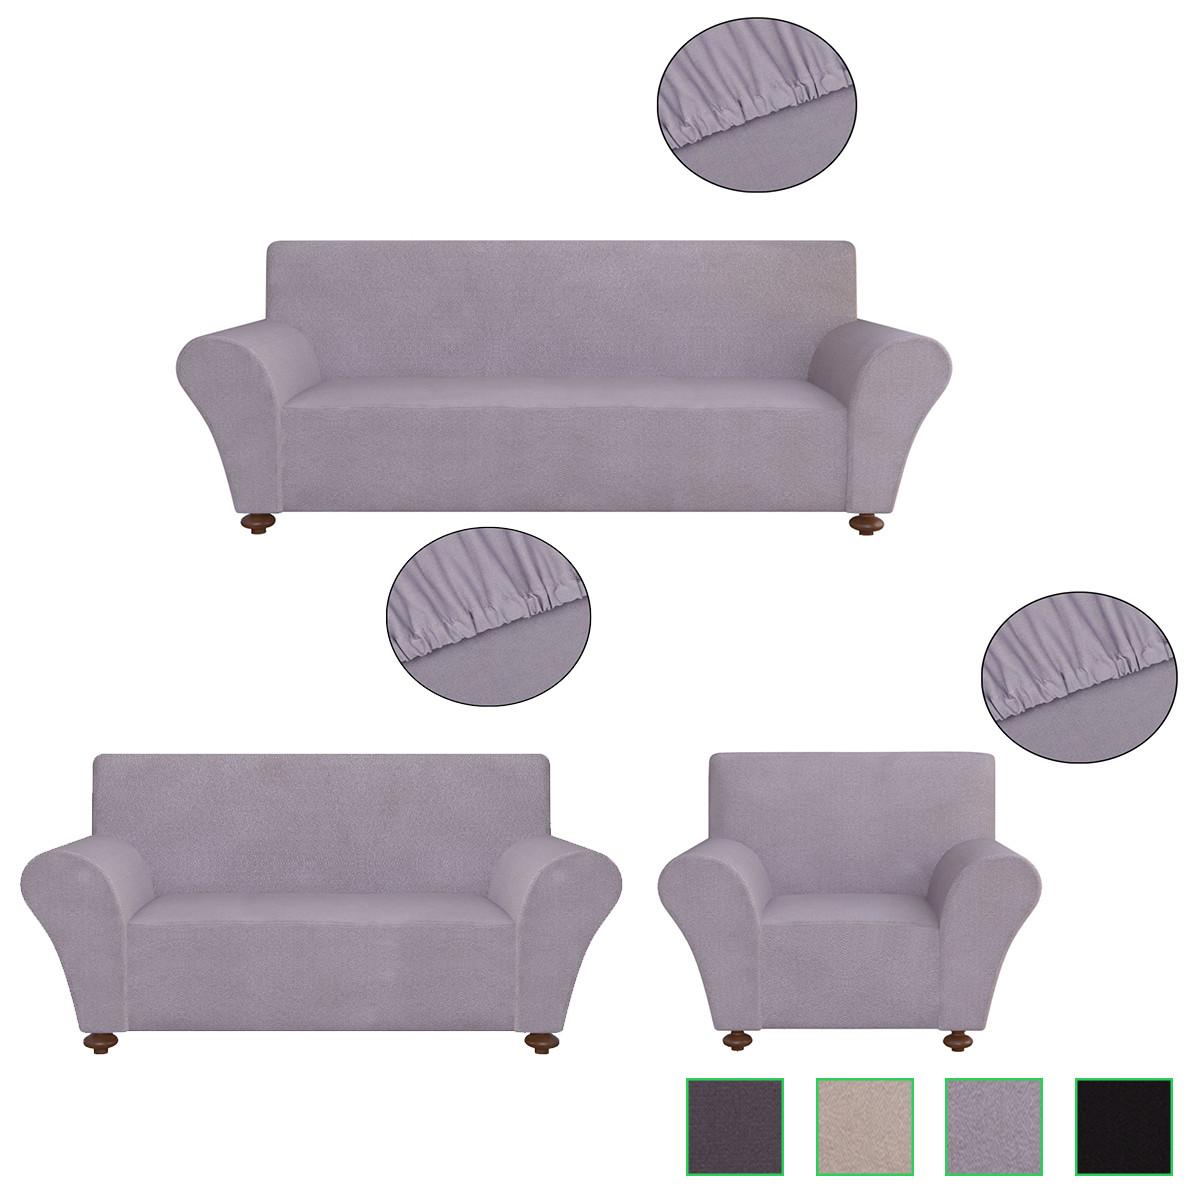 Copridivano elasticizzato fodera divano poliestere modelli - Copridivano senza braccioli elasticizzato ...